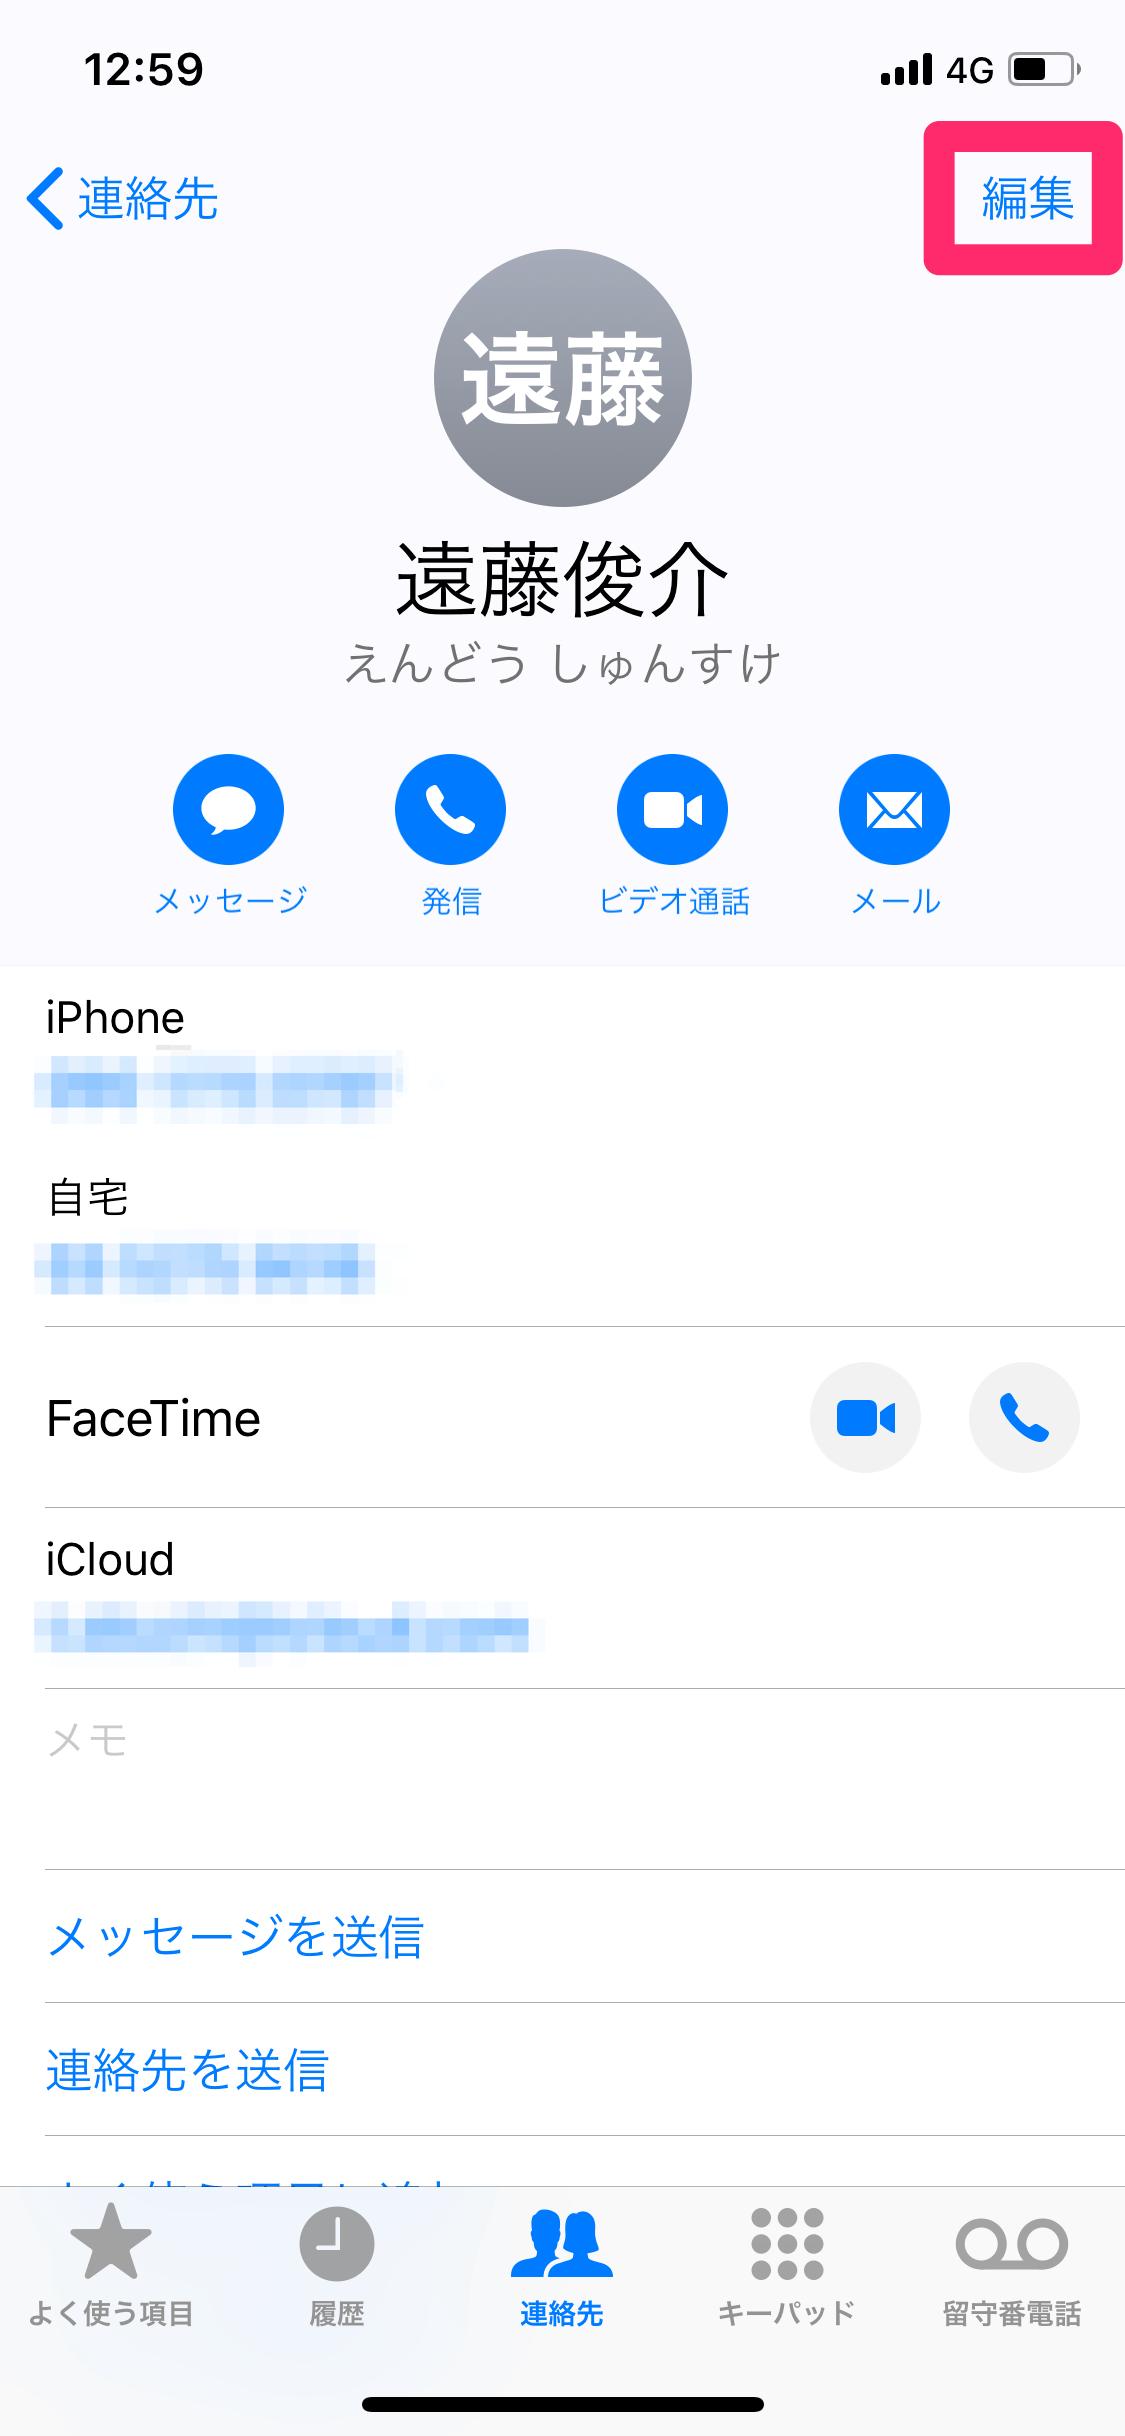 画面を見なくても誰からの電話かわかる! iPhoneの連絡先ごとに着信音やバイブのパターンを変える方法